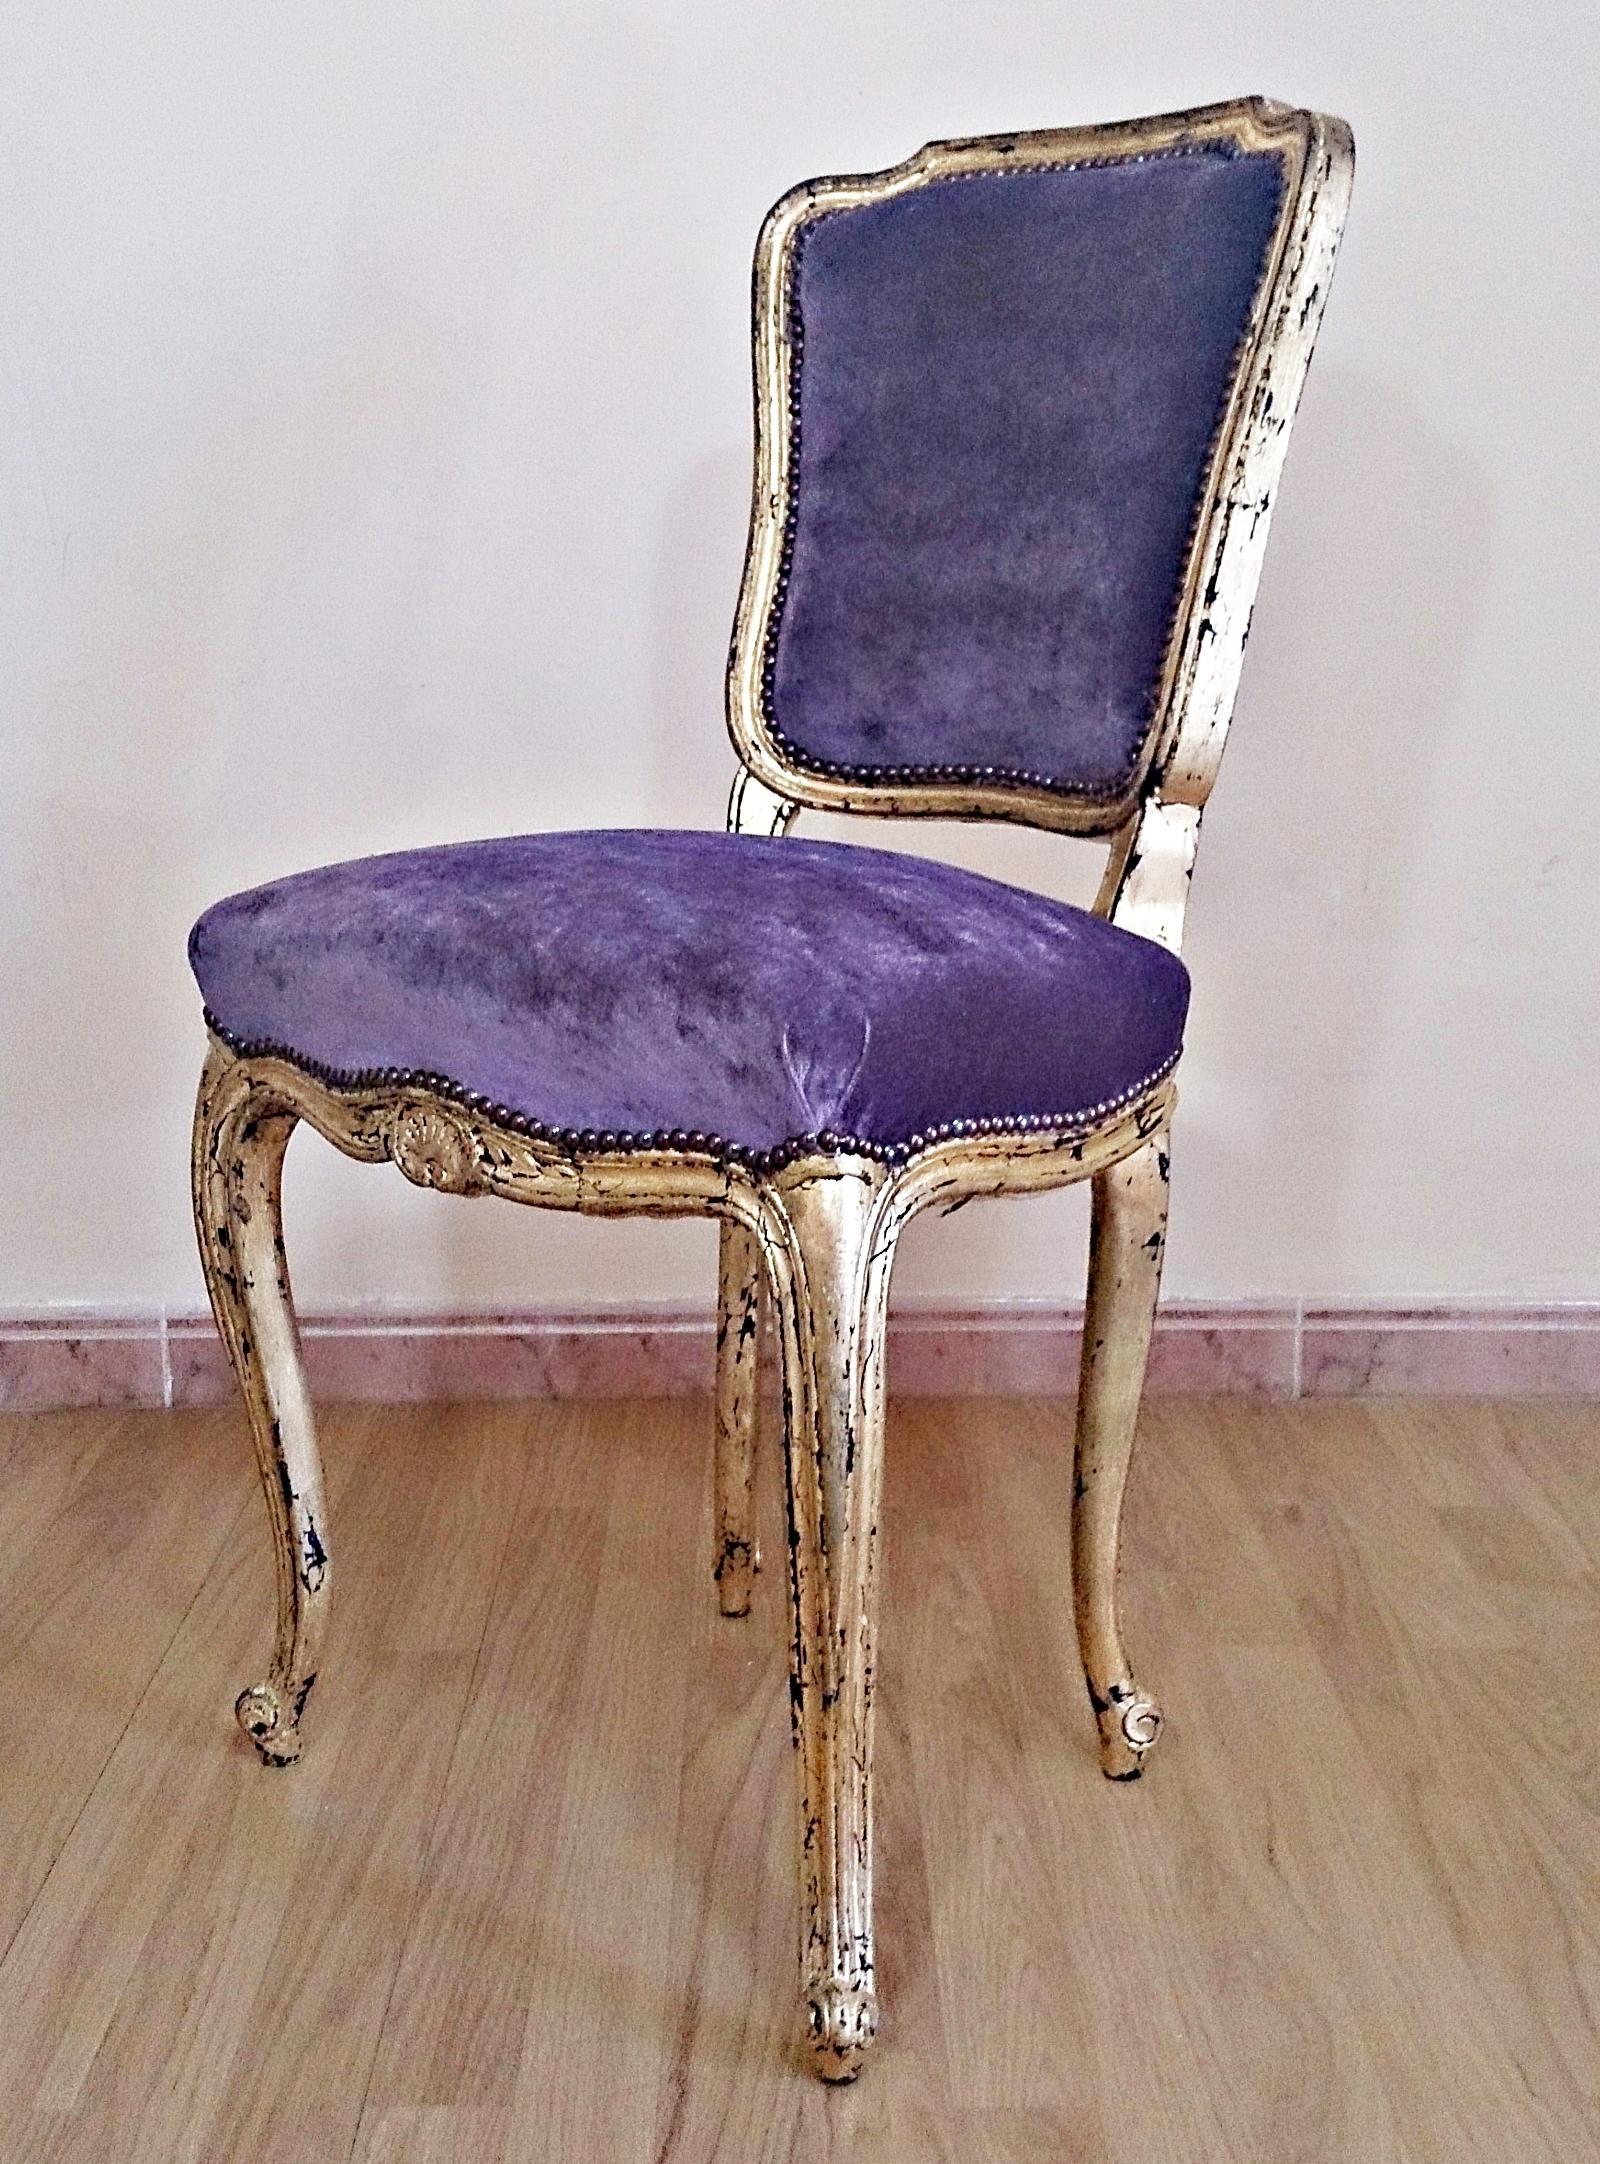 Silla vintage estilo luis xv oro y malva tienda online de decoraci n y muebles personalizados - Sillas estilo vintage ...